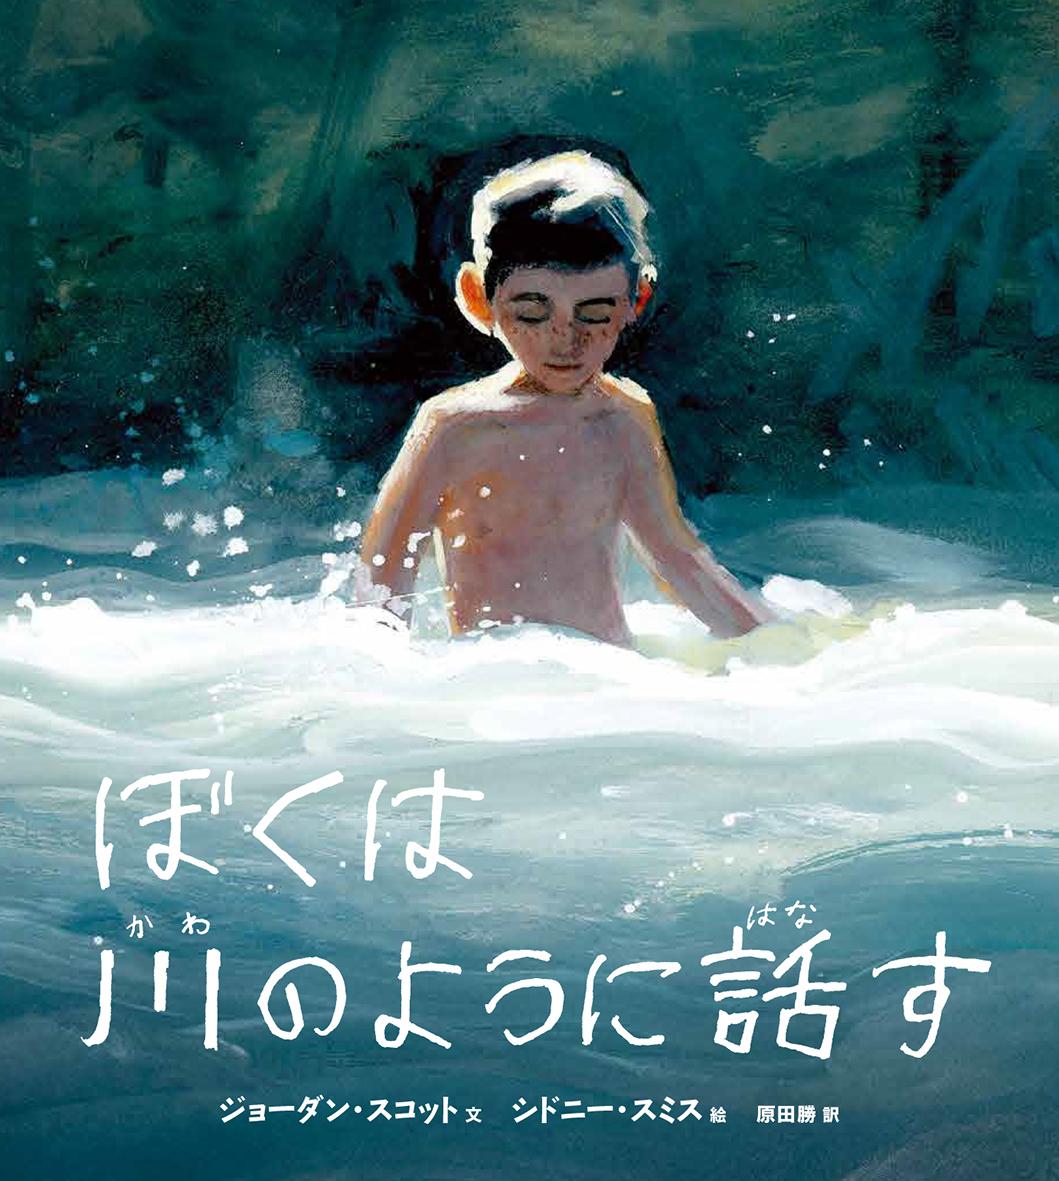 9/20 中日新聞で『ぼくは川のように話す』が紹介されました